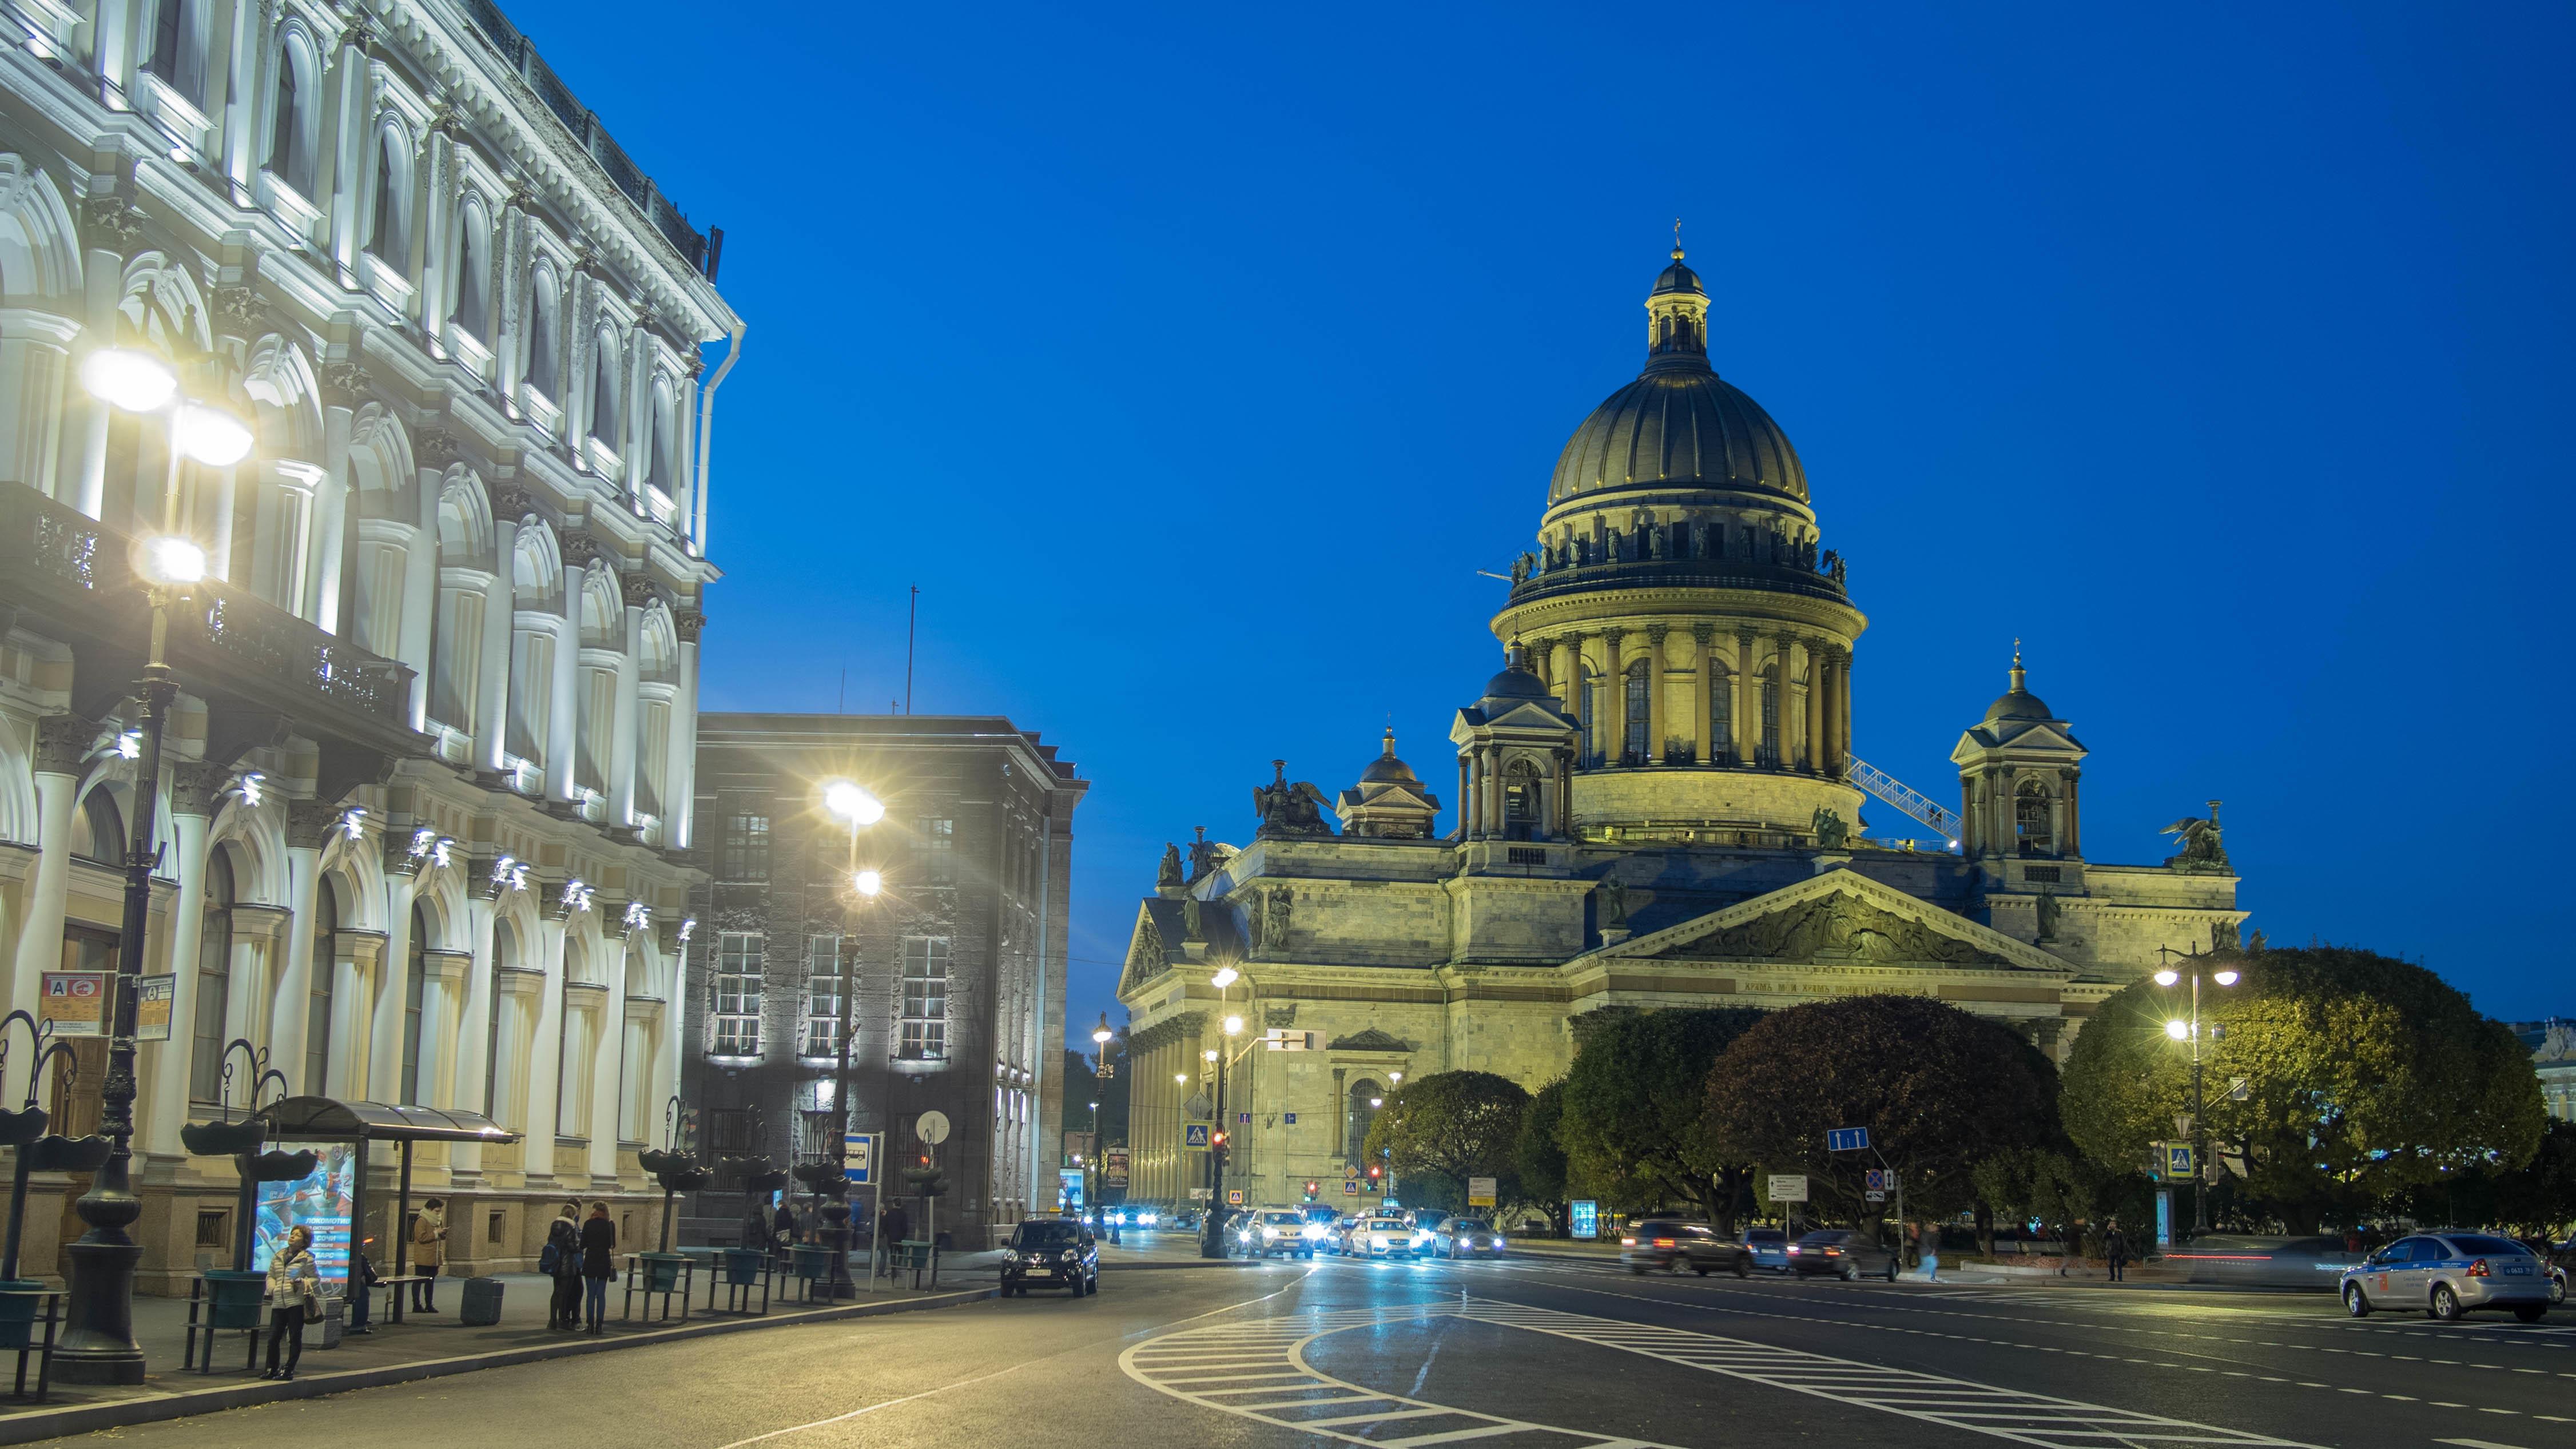 обои St Isaac s Cathedral, Saint-Petersburg картинки фото